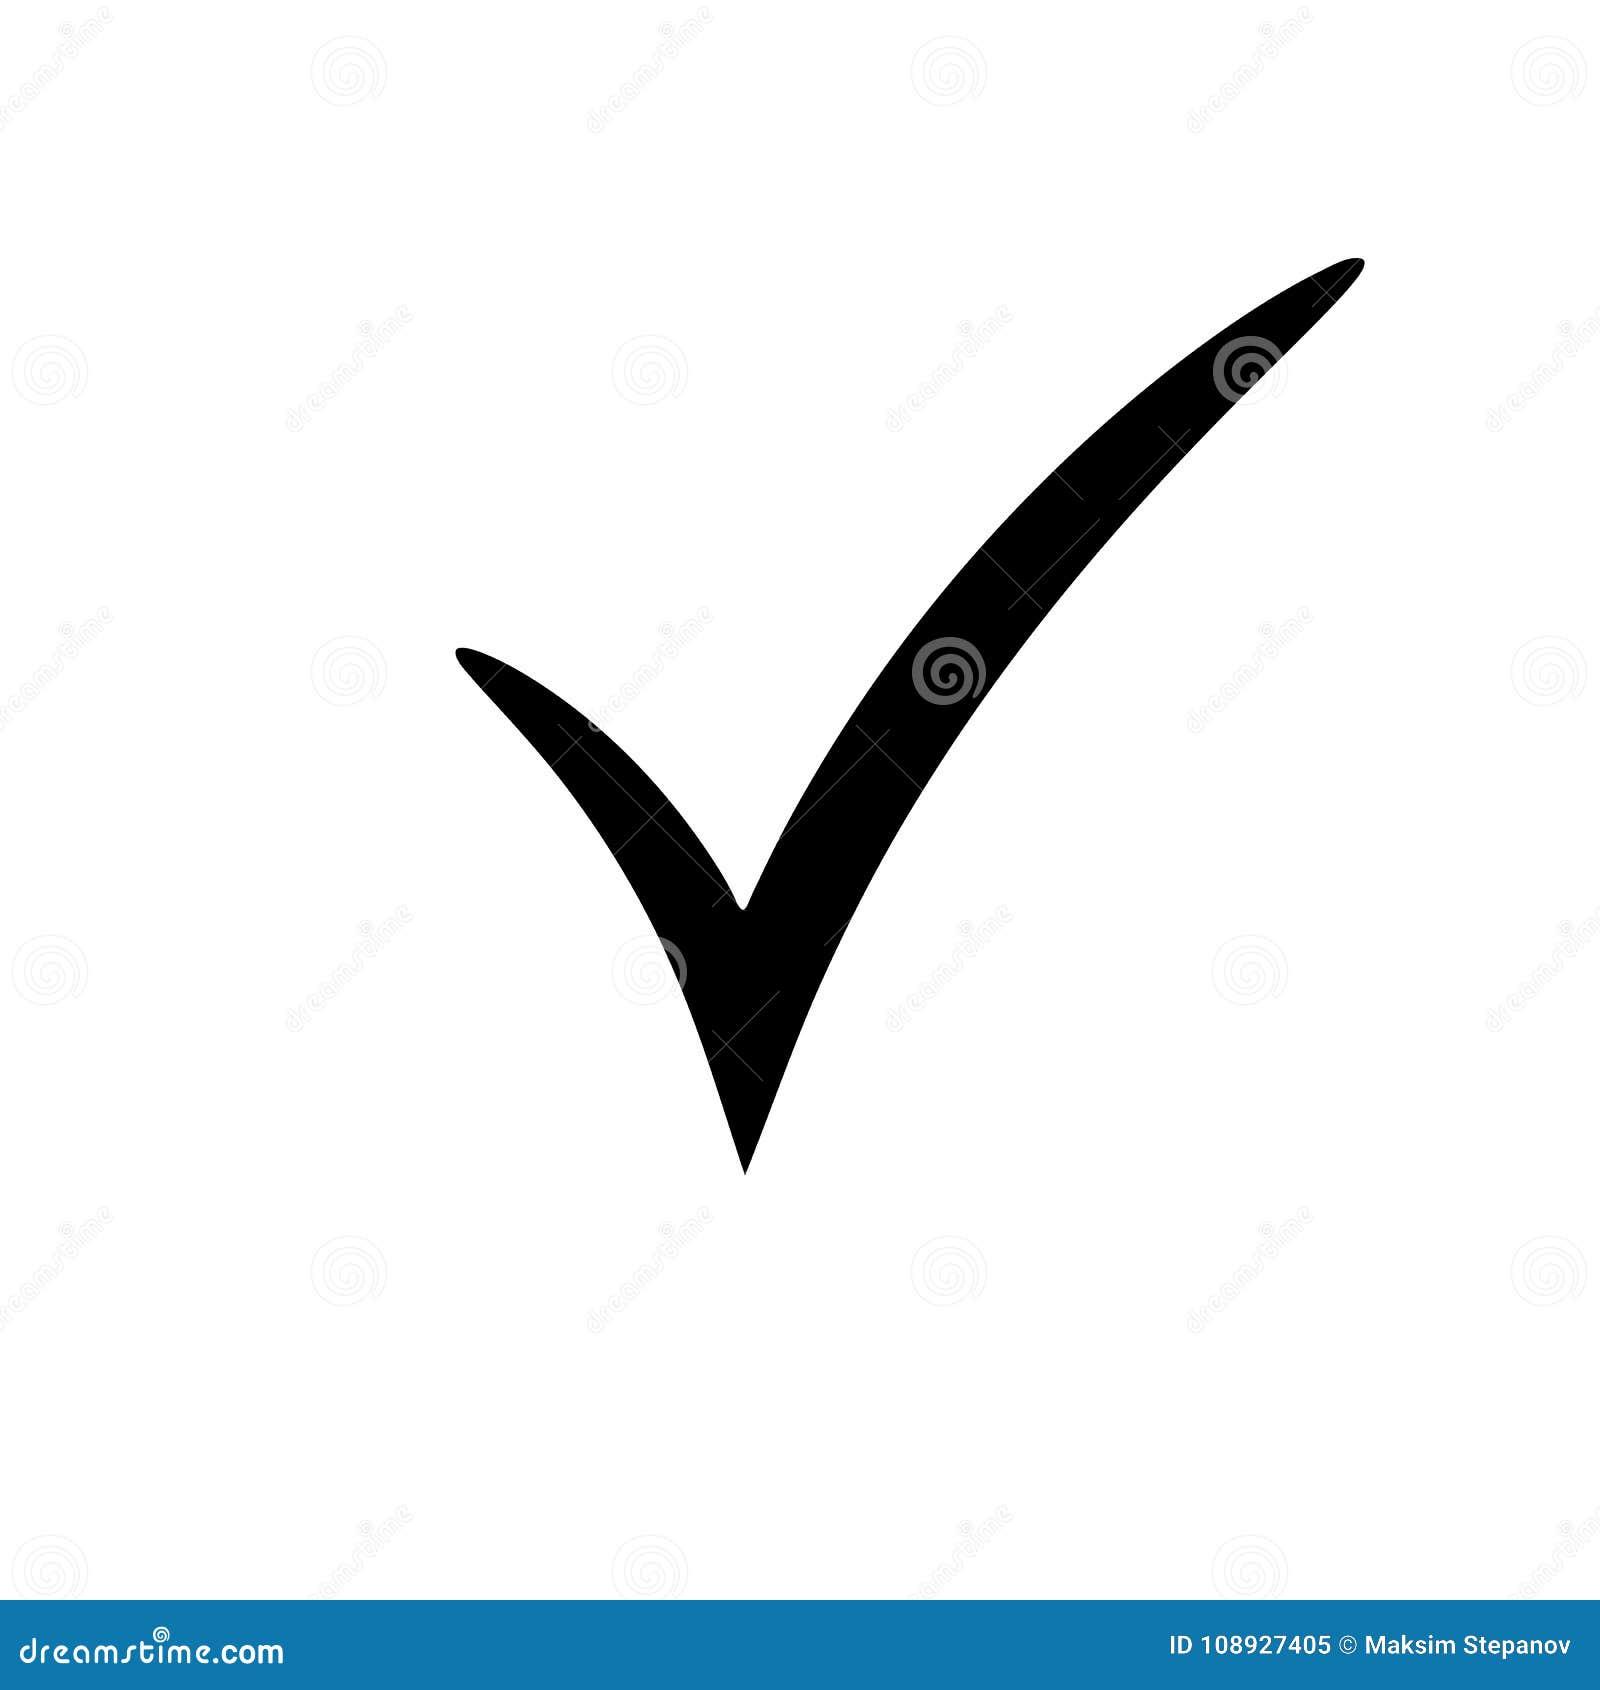 how to make check symbol